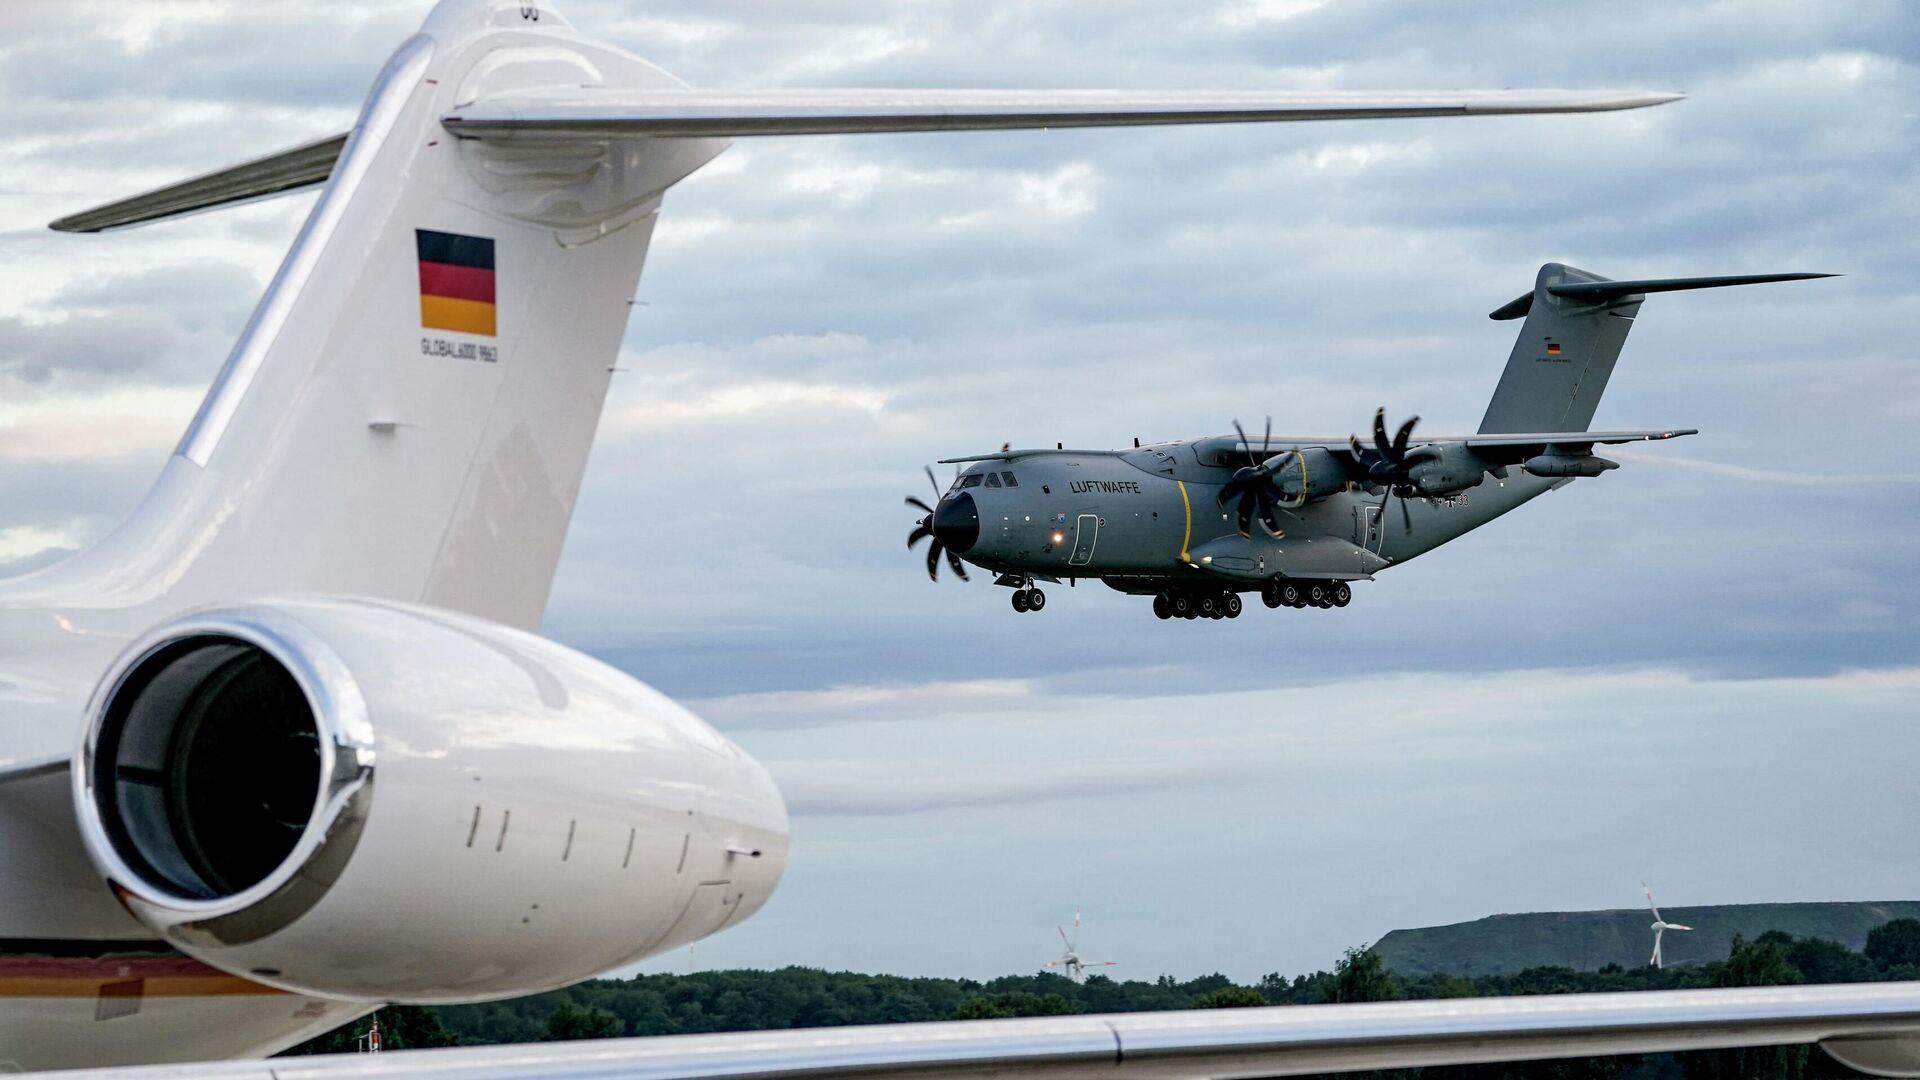 Ein Airbus A400M der Bundeswehr kommt am 27. August 2021 am Flughafen in Wunstorf an, am Ende einer militärischen Evakuierungsoperation, die darau gezielt war, die deutschen Staatsangehörigen, Ortskräfte und andere gefährdete Personen aus Kabul, Afghanistan, auszufliegen. - SNA, 1920, 03.09.2021